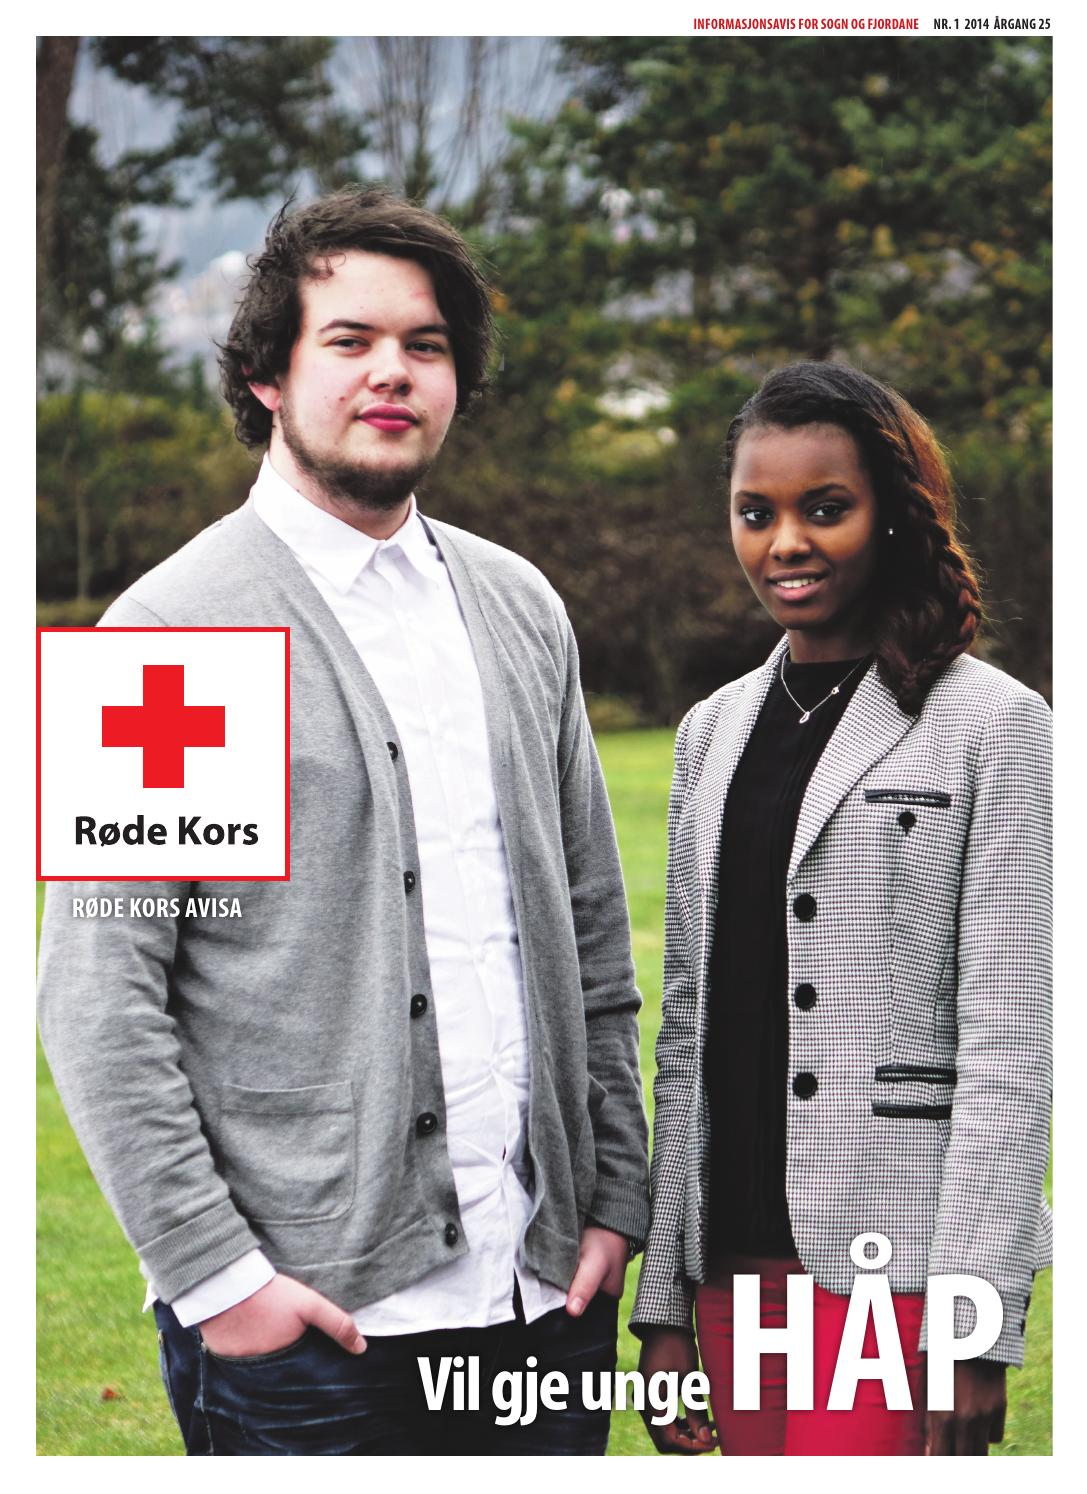 Røde kors avisa 2014 by findriv AS - issuu